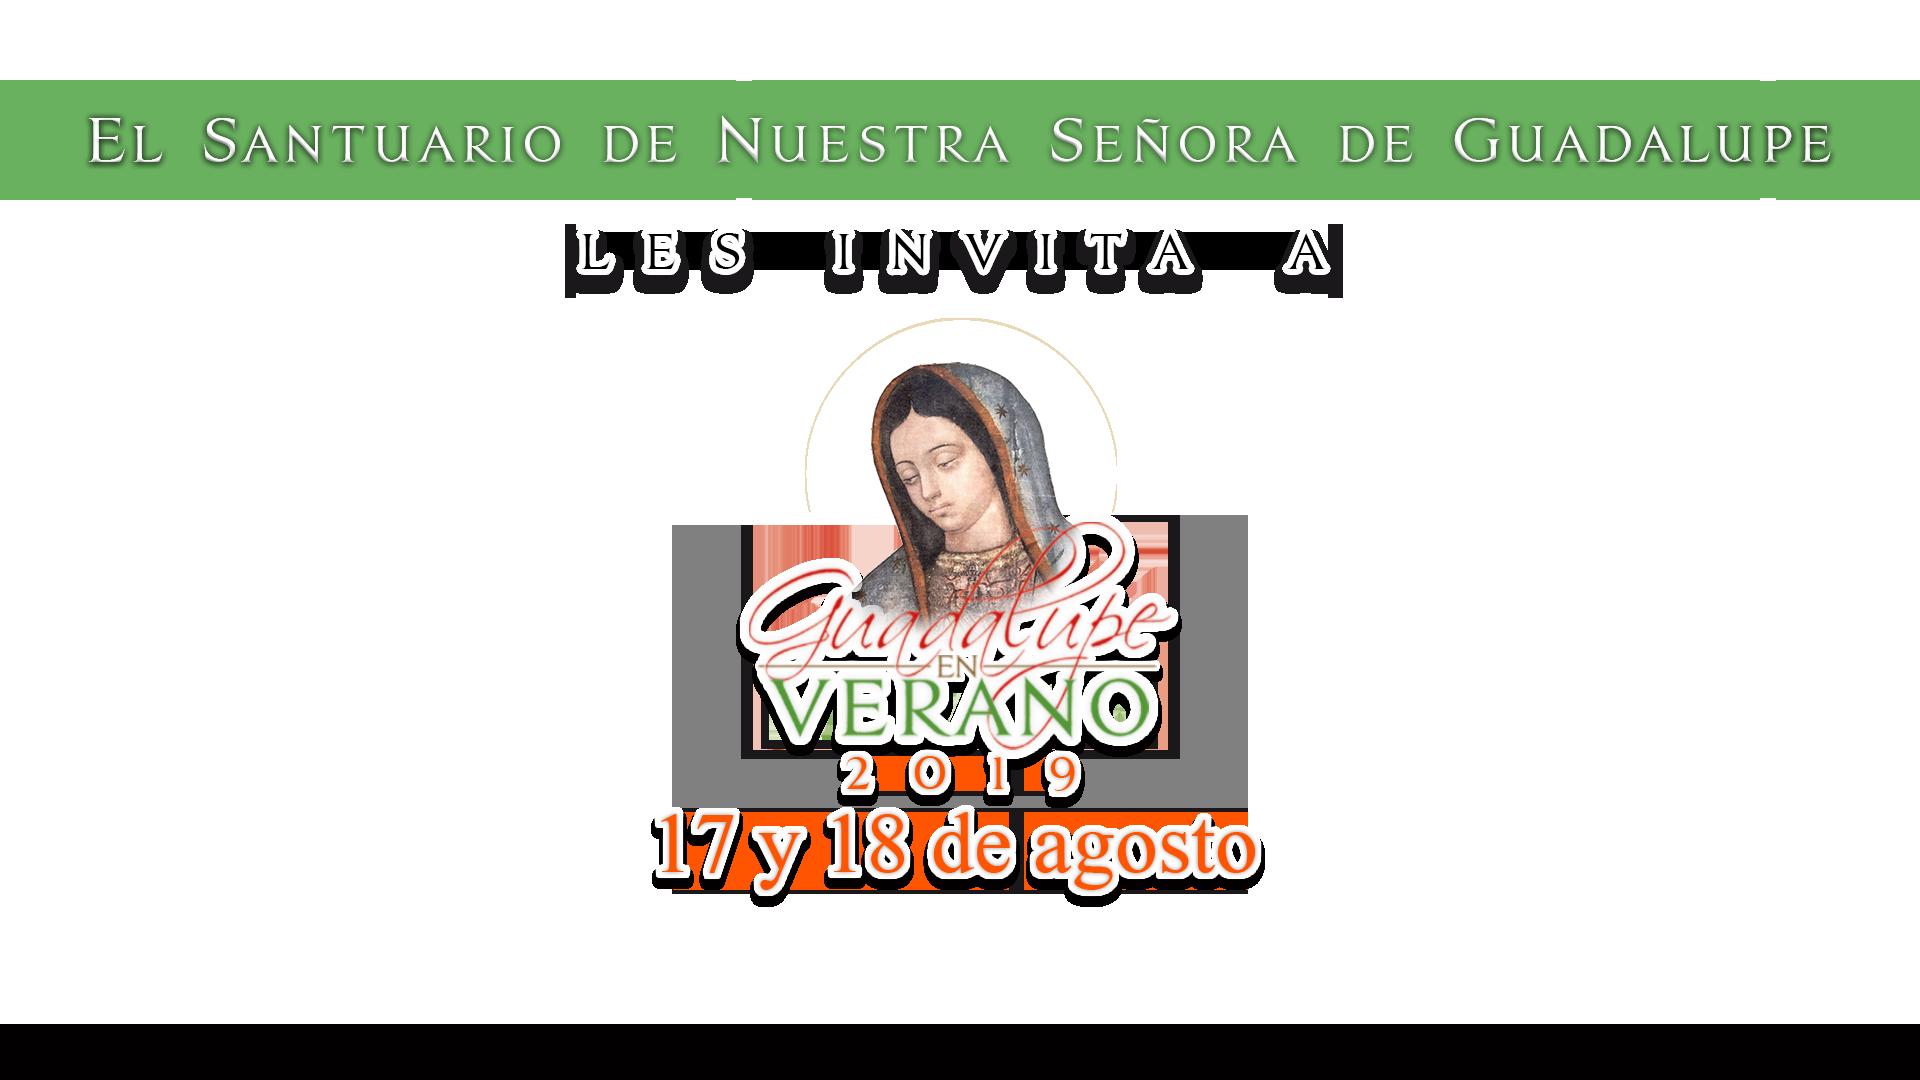 Guadalupe en Verano 2091